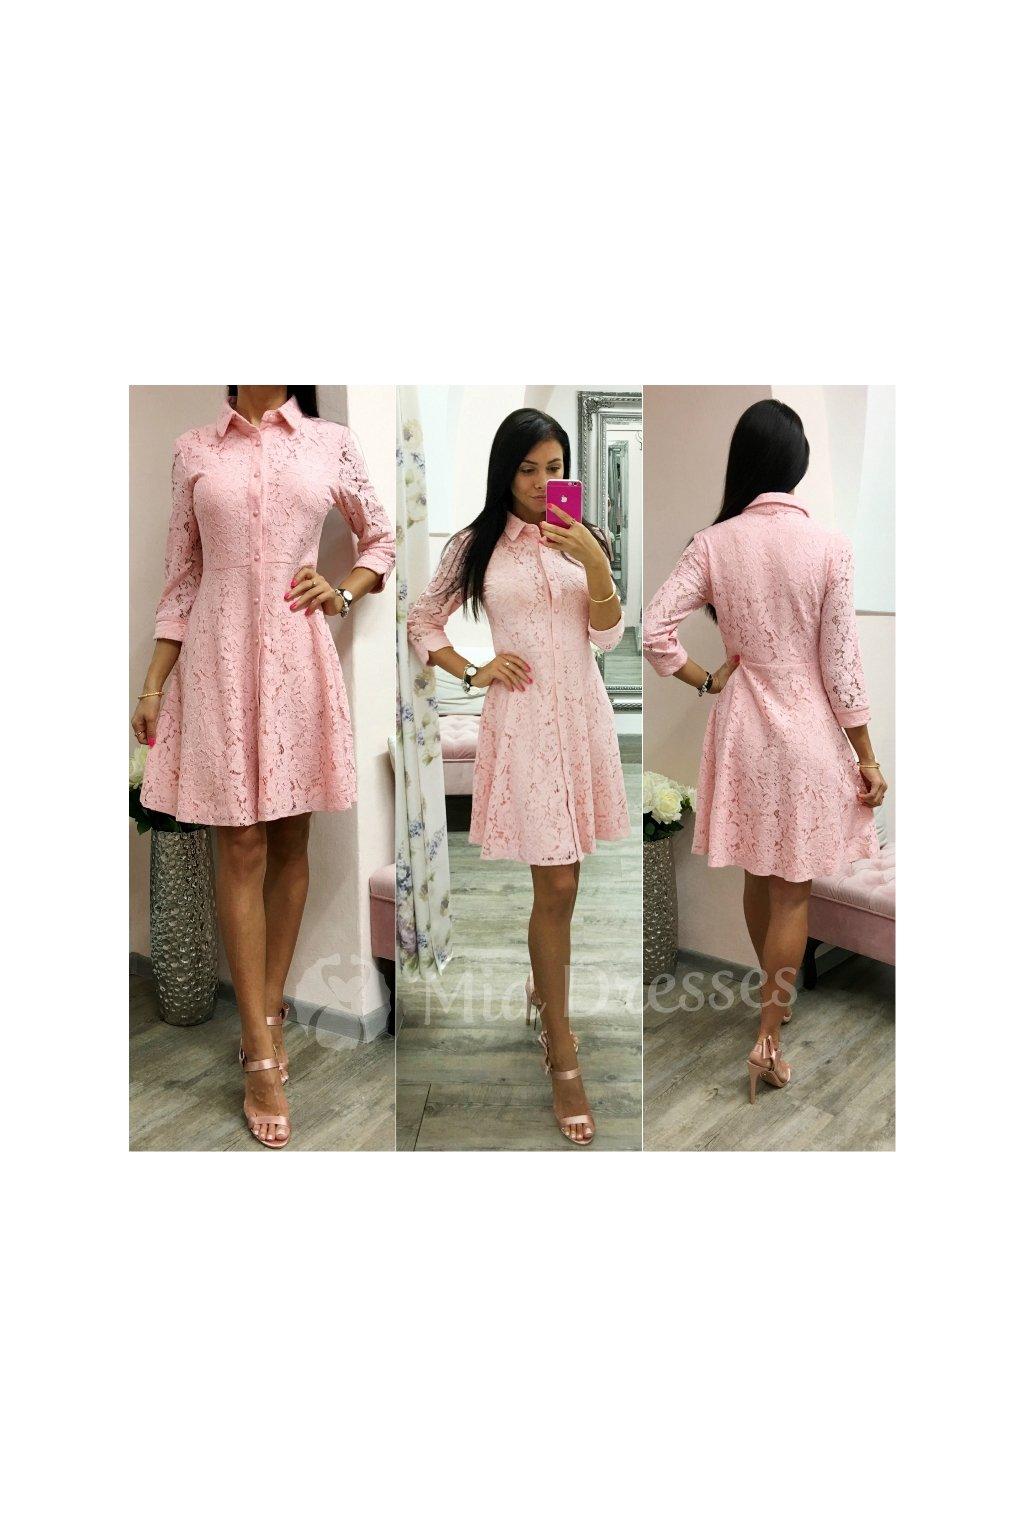 b59b5fc00b19 Ružové košeľové šaty s čipkou - Mia Dresses